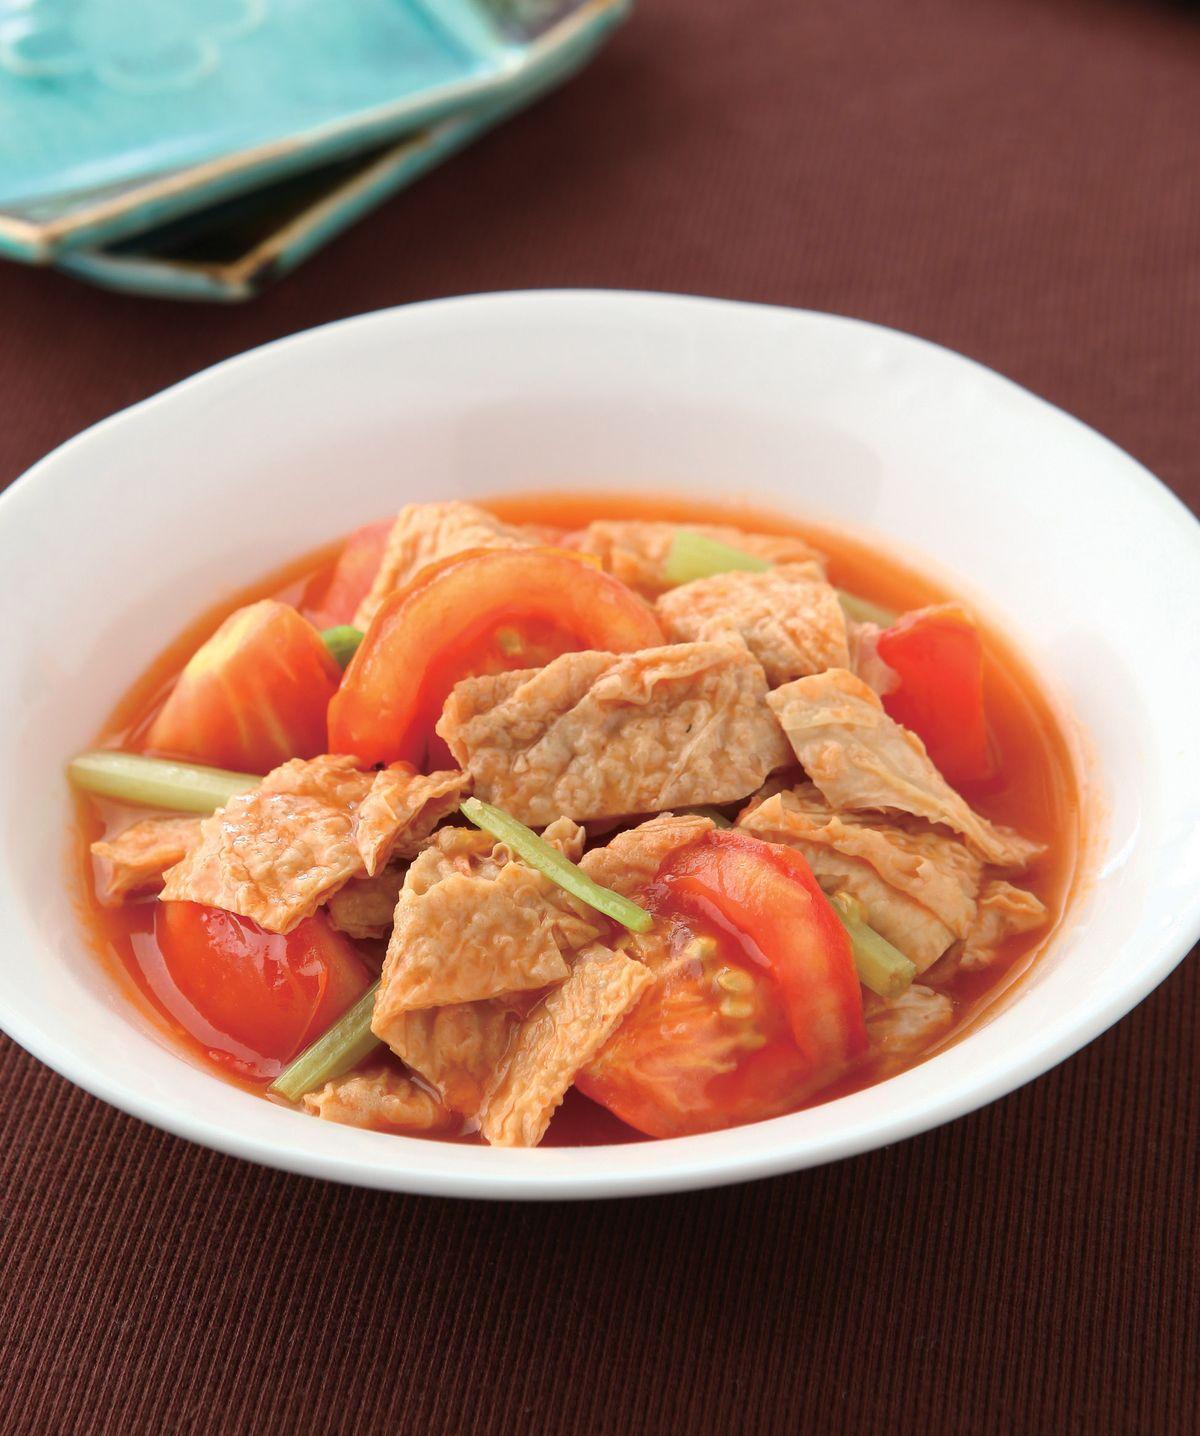 食譜:番茄燒豆皮